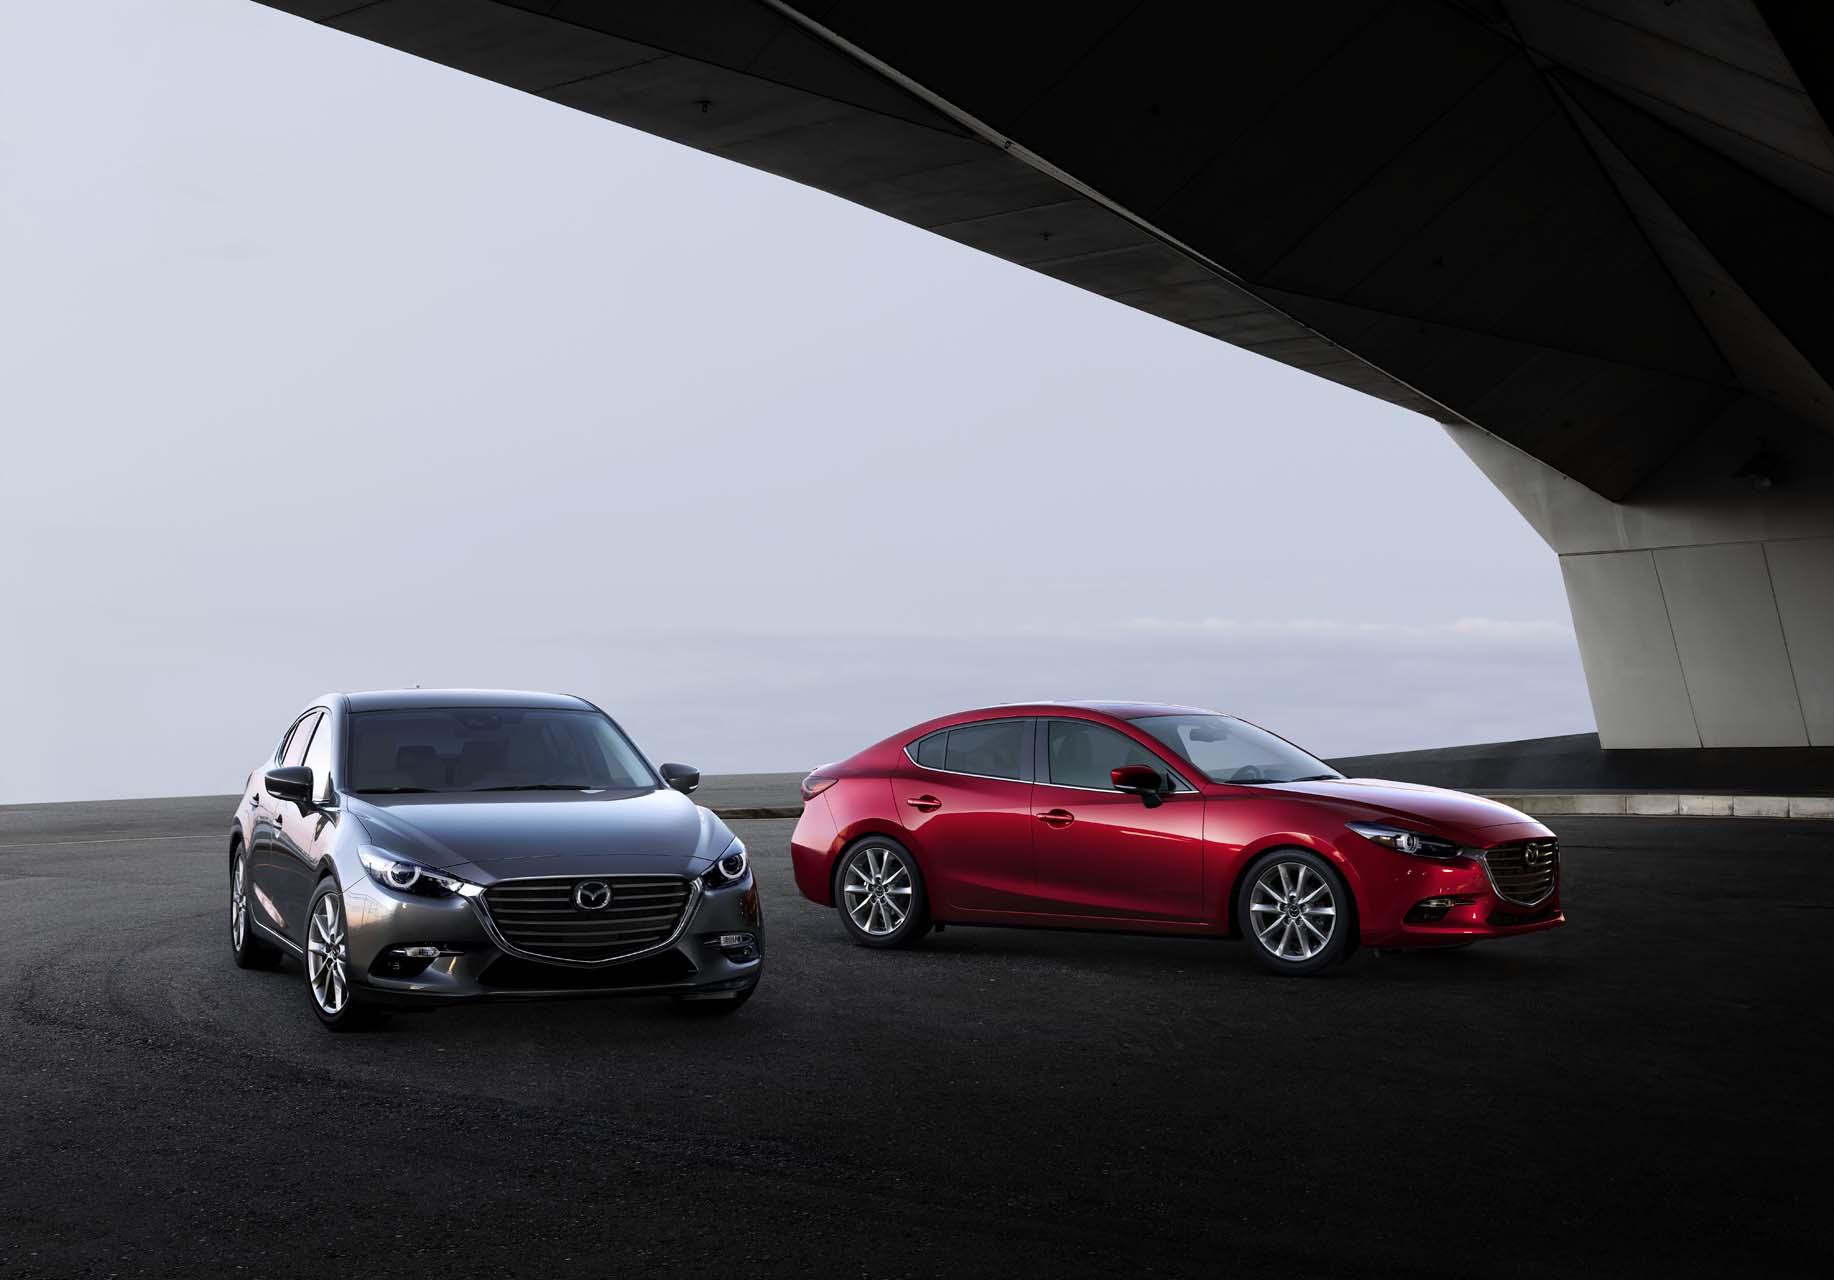 Kelebihan Kekurangan Android Auto Mazda 3 Perbandingan Harga